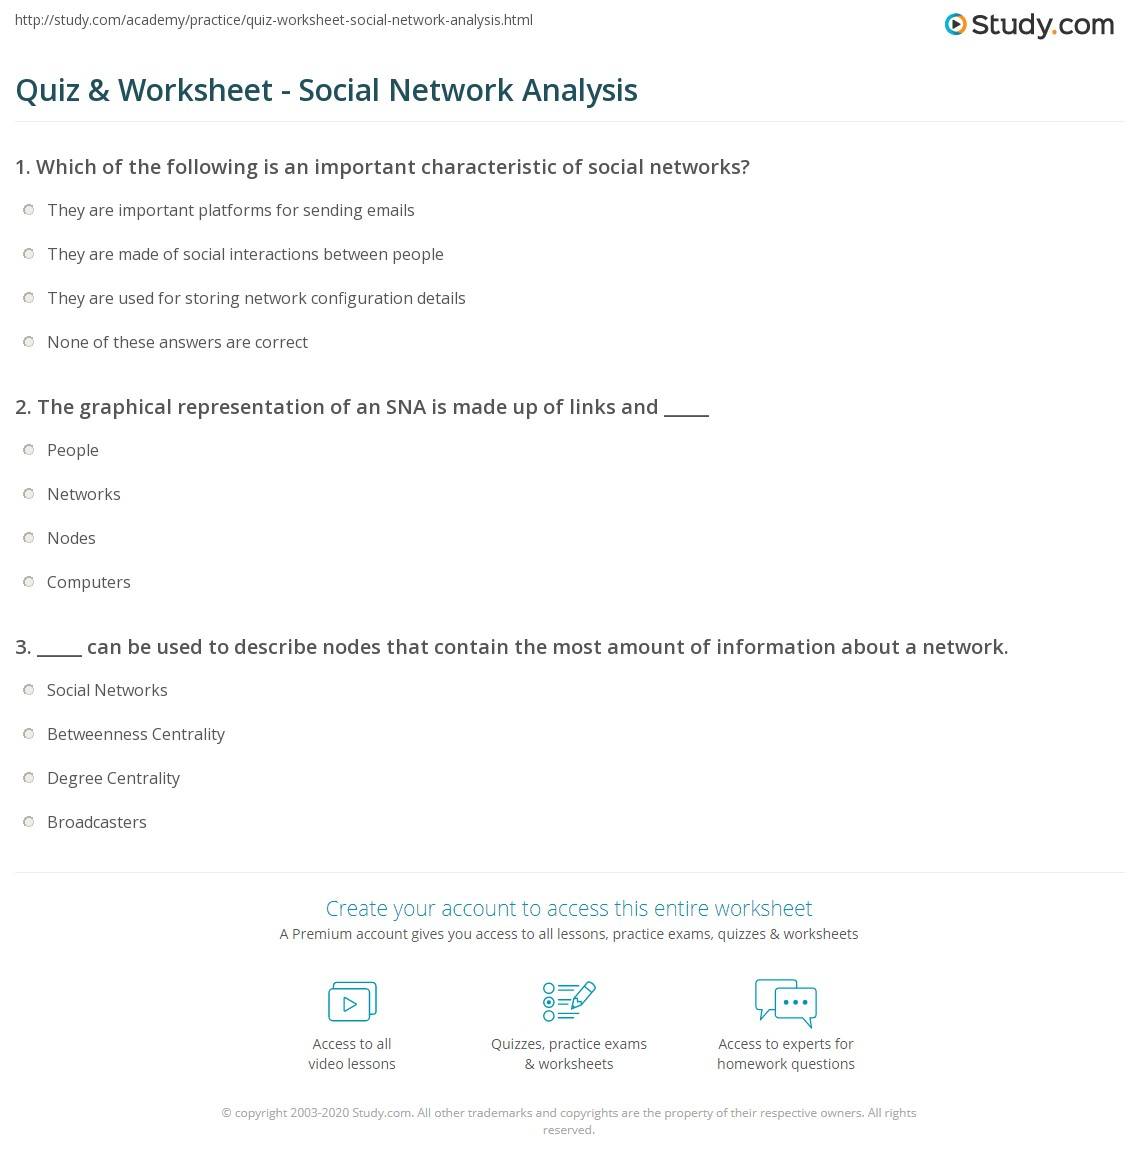 quiz worksheet social network analysis. Black Bedroom Furniture Sets. Home Design Ideas